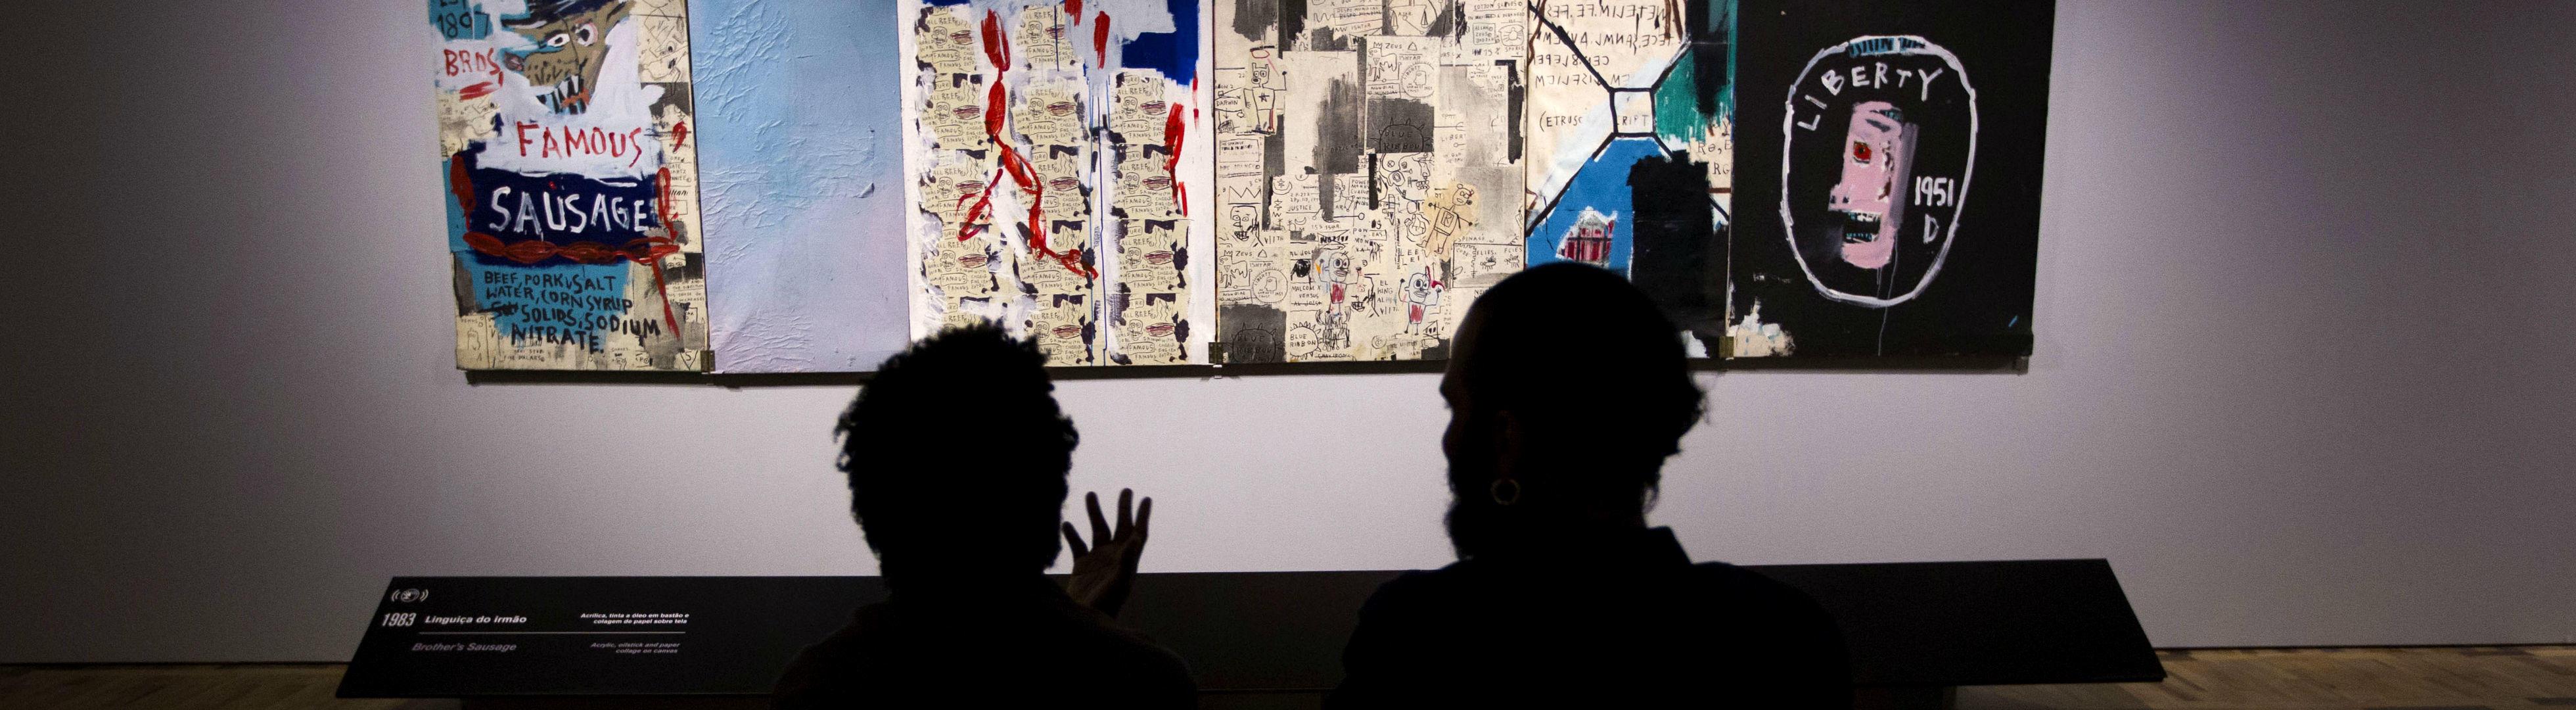 Basquiat en Río de Janeiro, la última etapa brasileña de la gran retrospectiva apoyada por BB MAPFRE